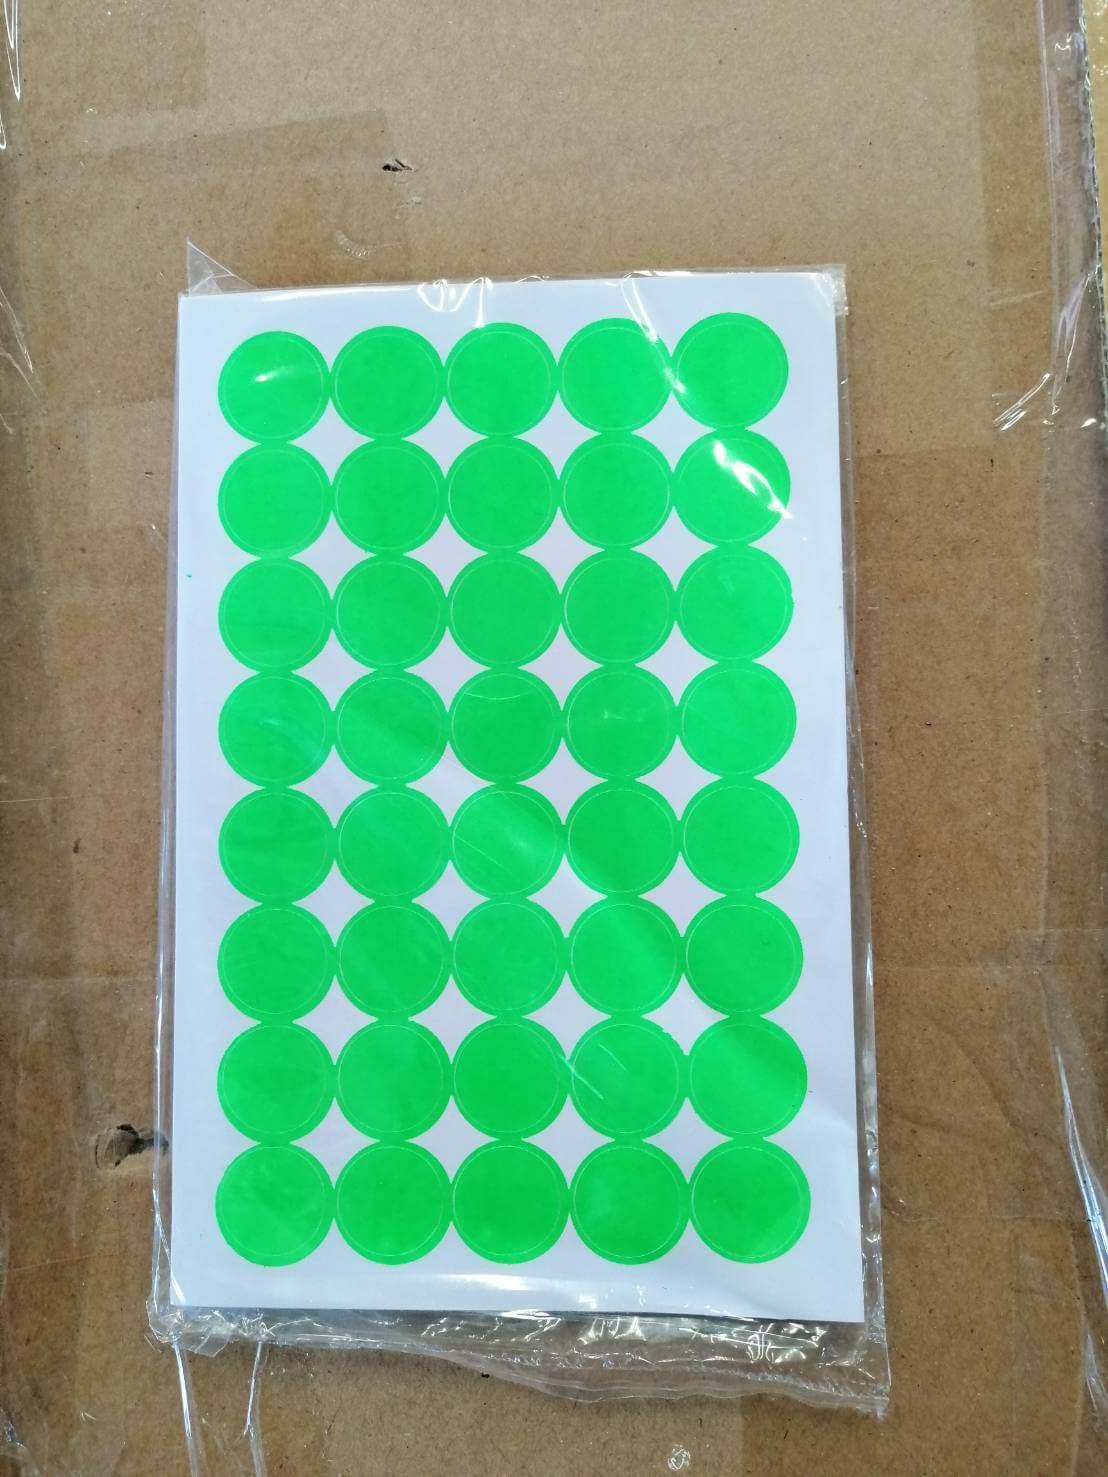 ป้ายสติ๊กเกอร์กลม Saha 18มม. สีเขียว 40ดวง (แพ็ค 5 แผ่น)